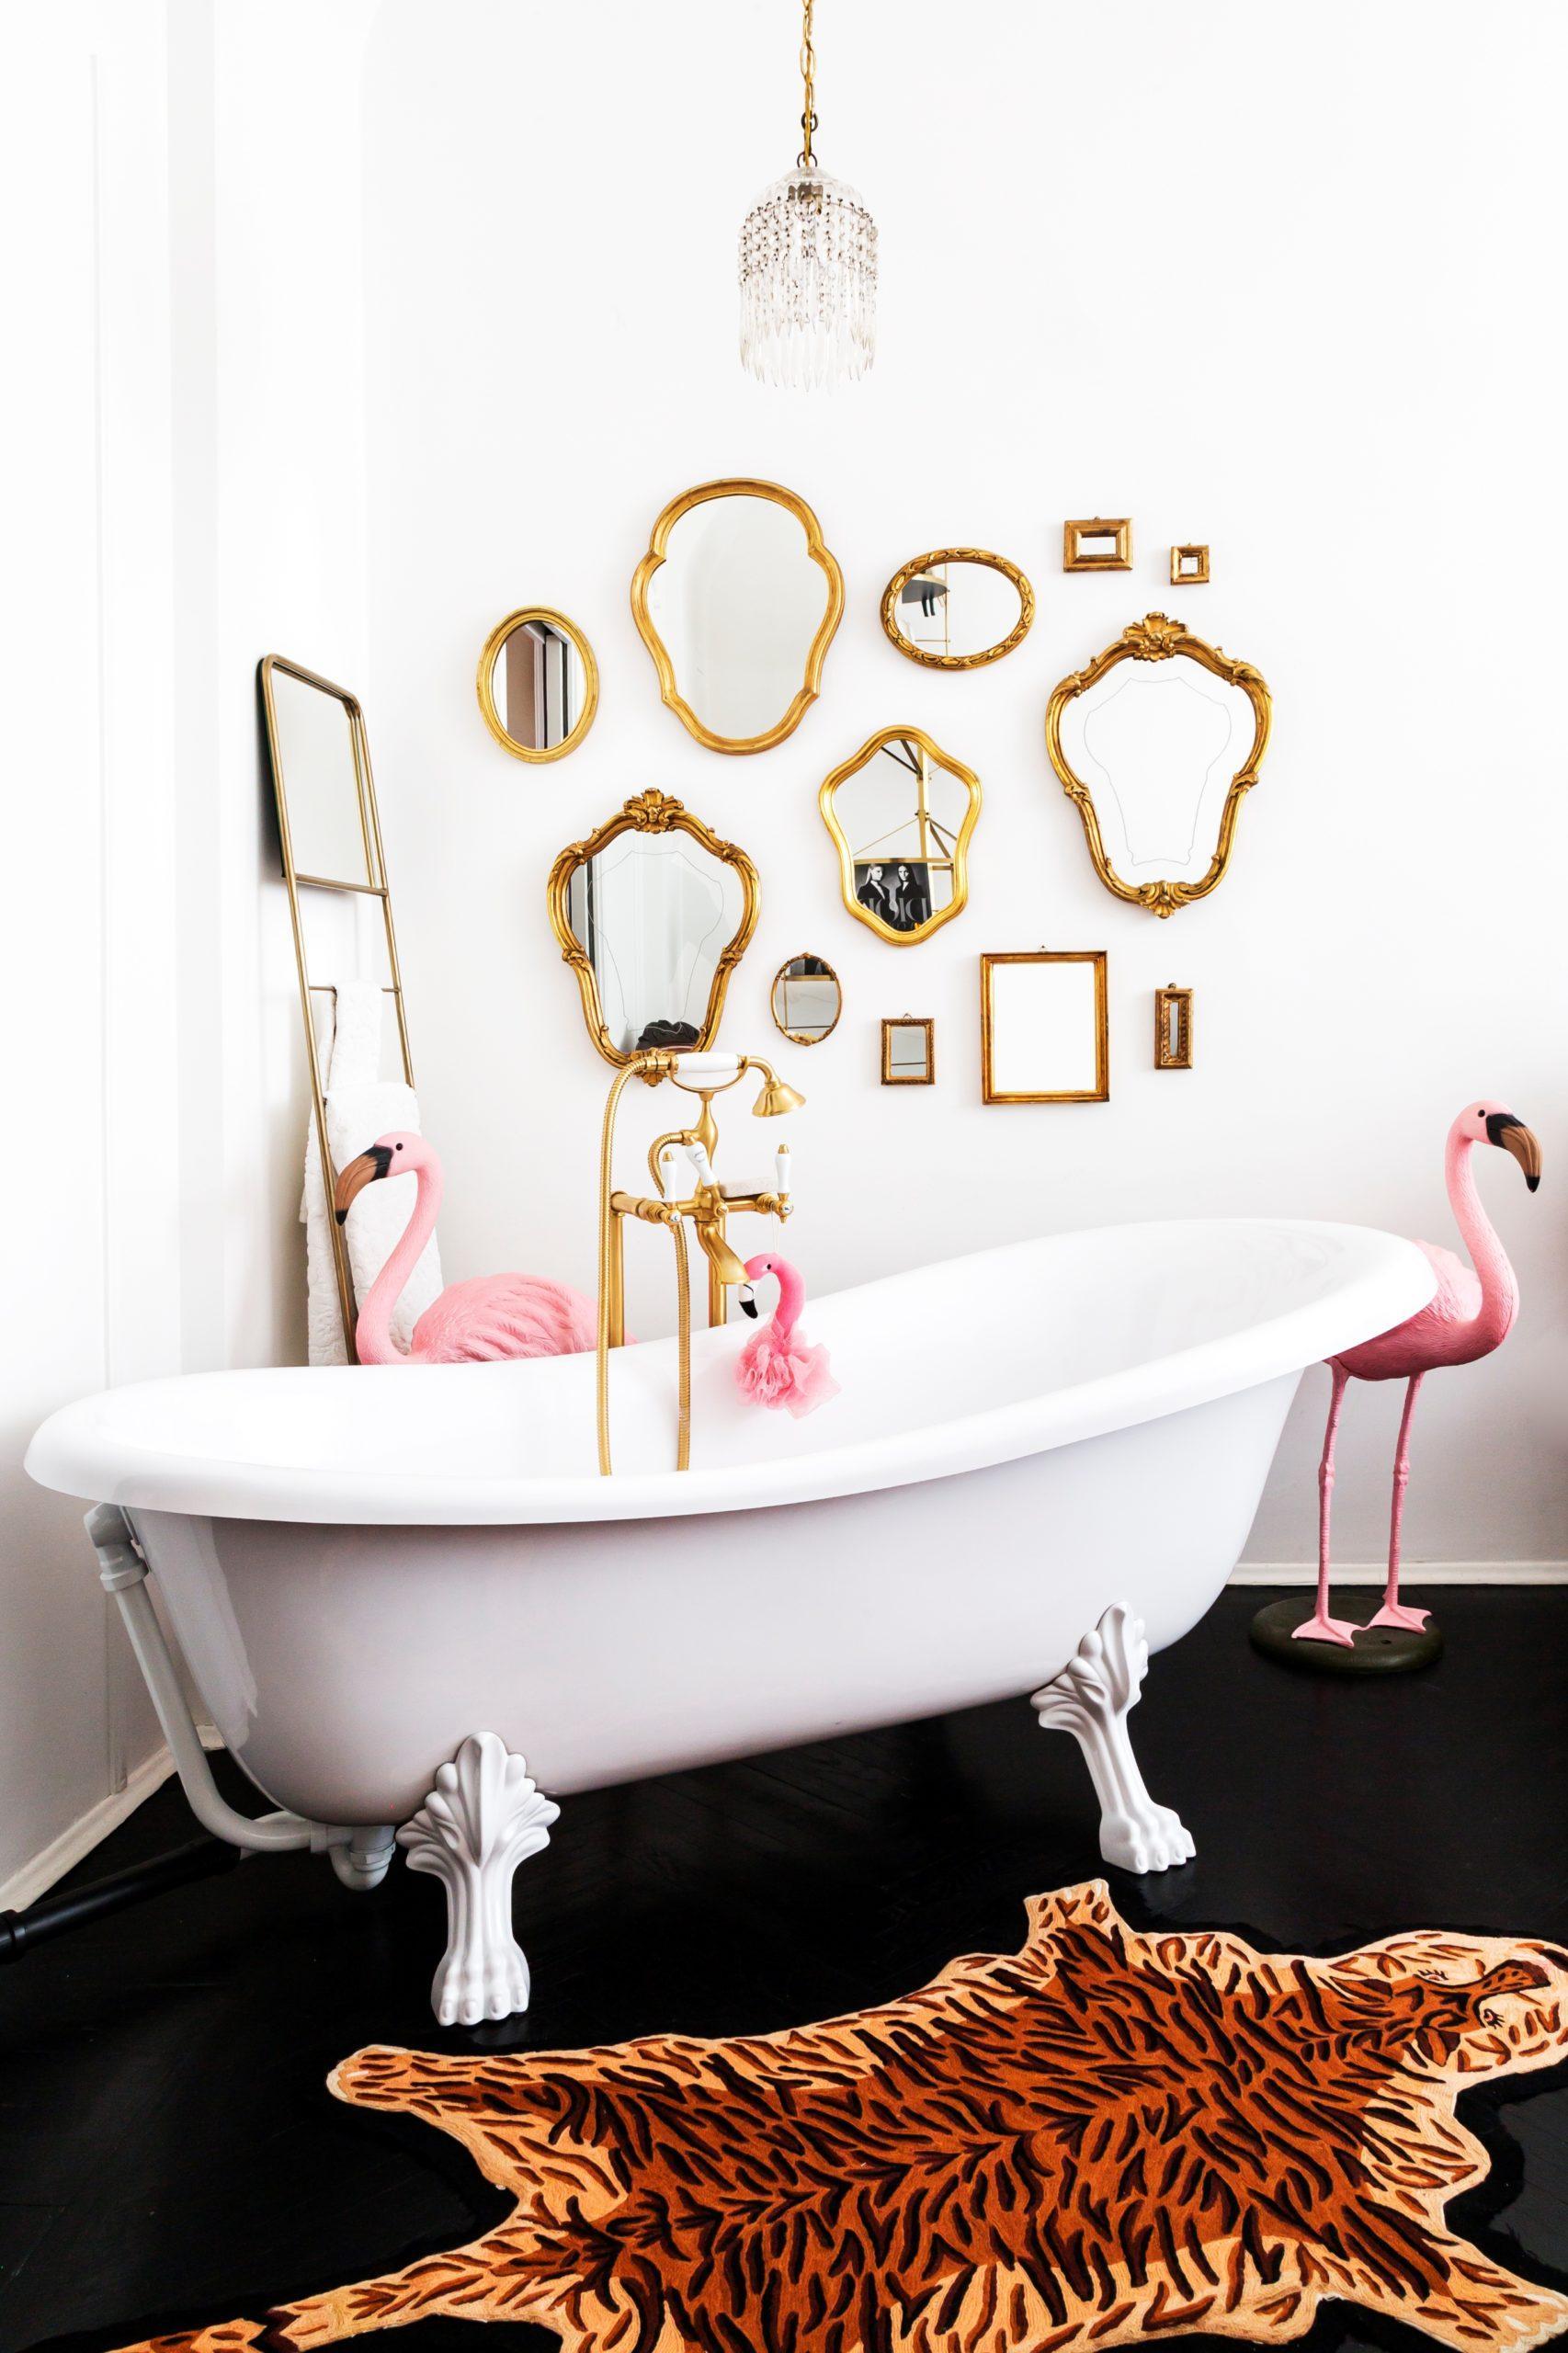 miroirs dorés style baroque dans salle de bain avec baignoire